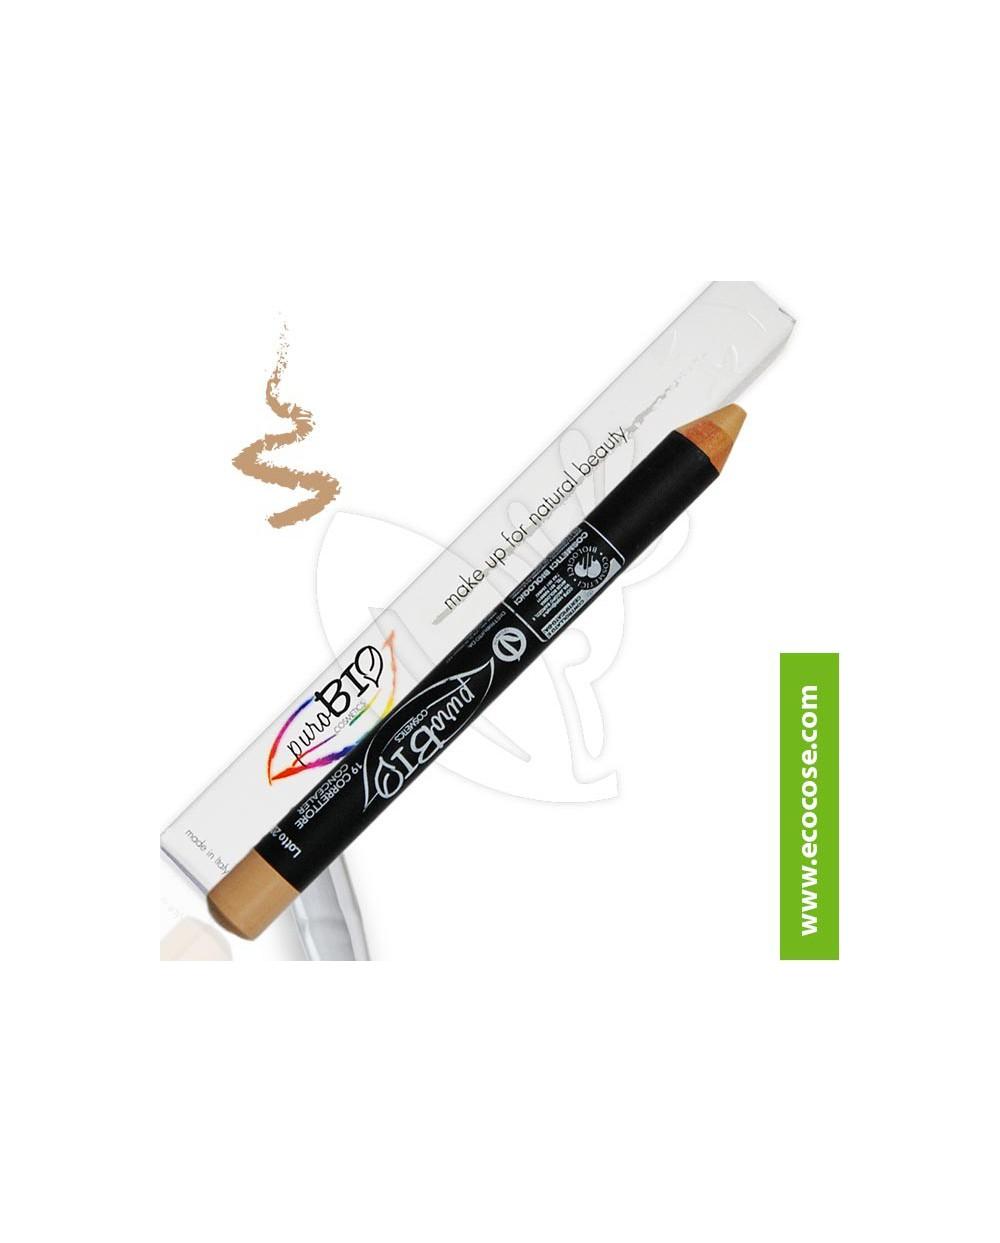 PuroBIO Cosmetics - Matitone Biologico Correttore 19 Verde Olivastro